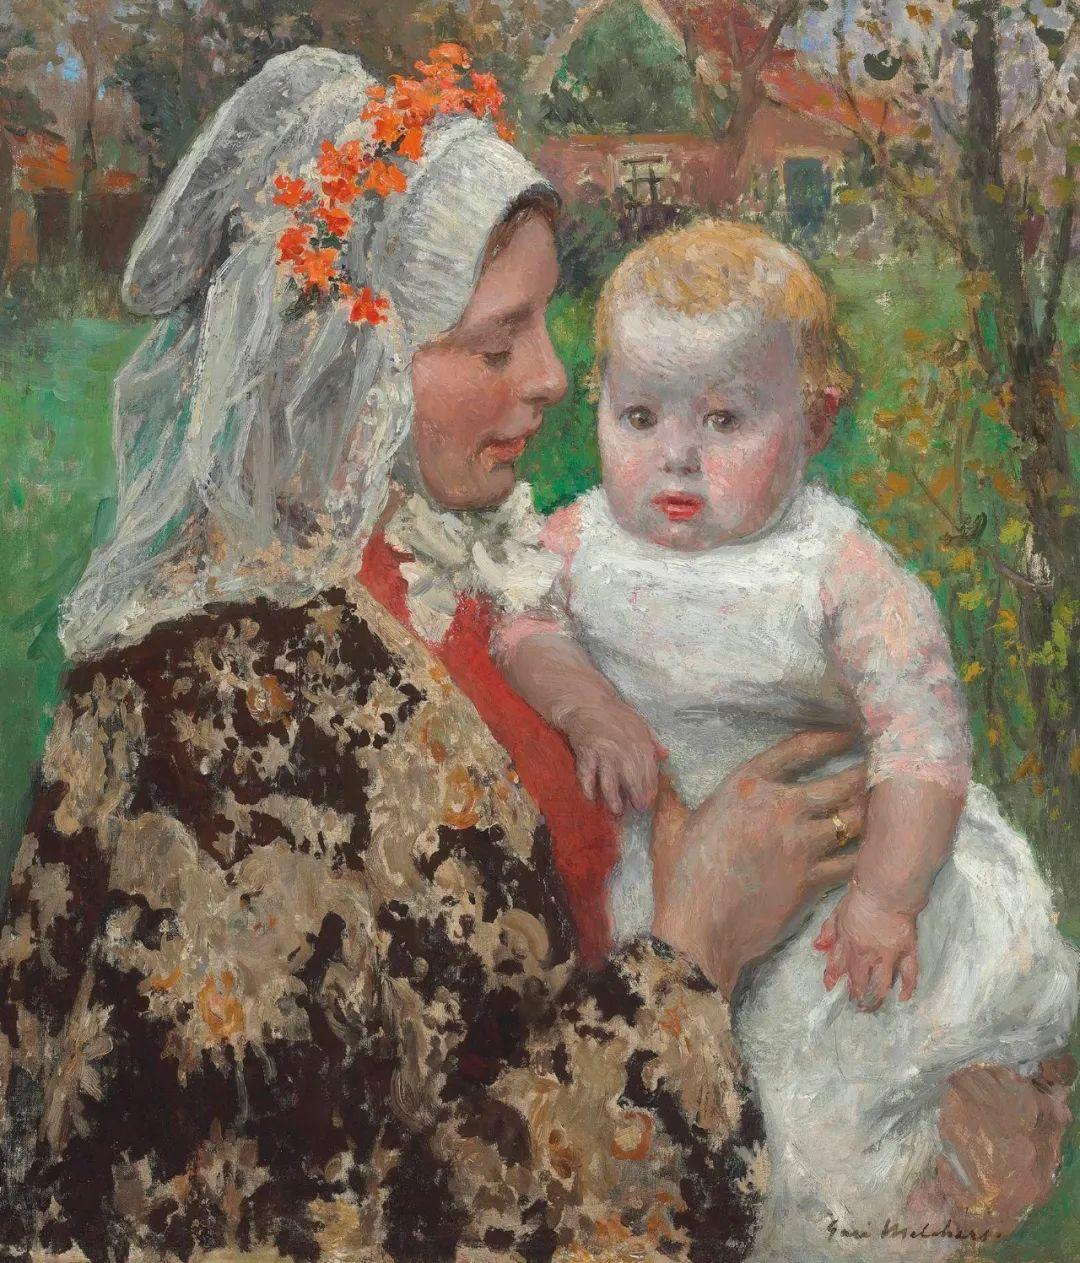 母亲节:世界名画中最伟大、最温情的爱!插图105